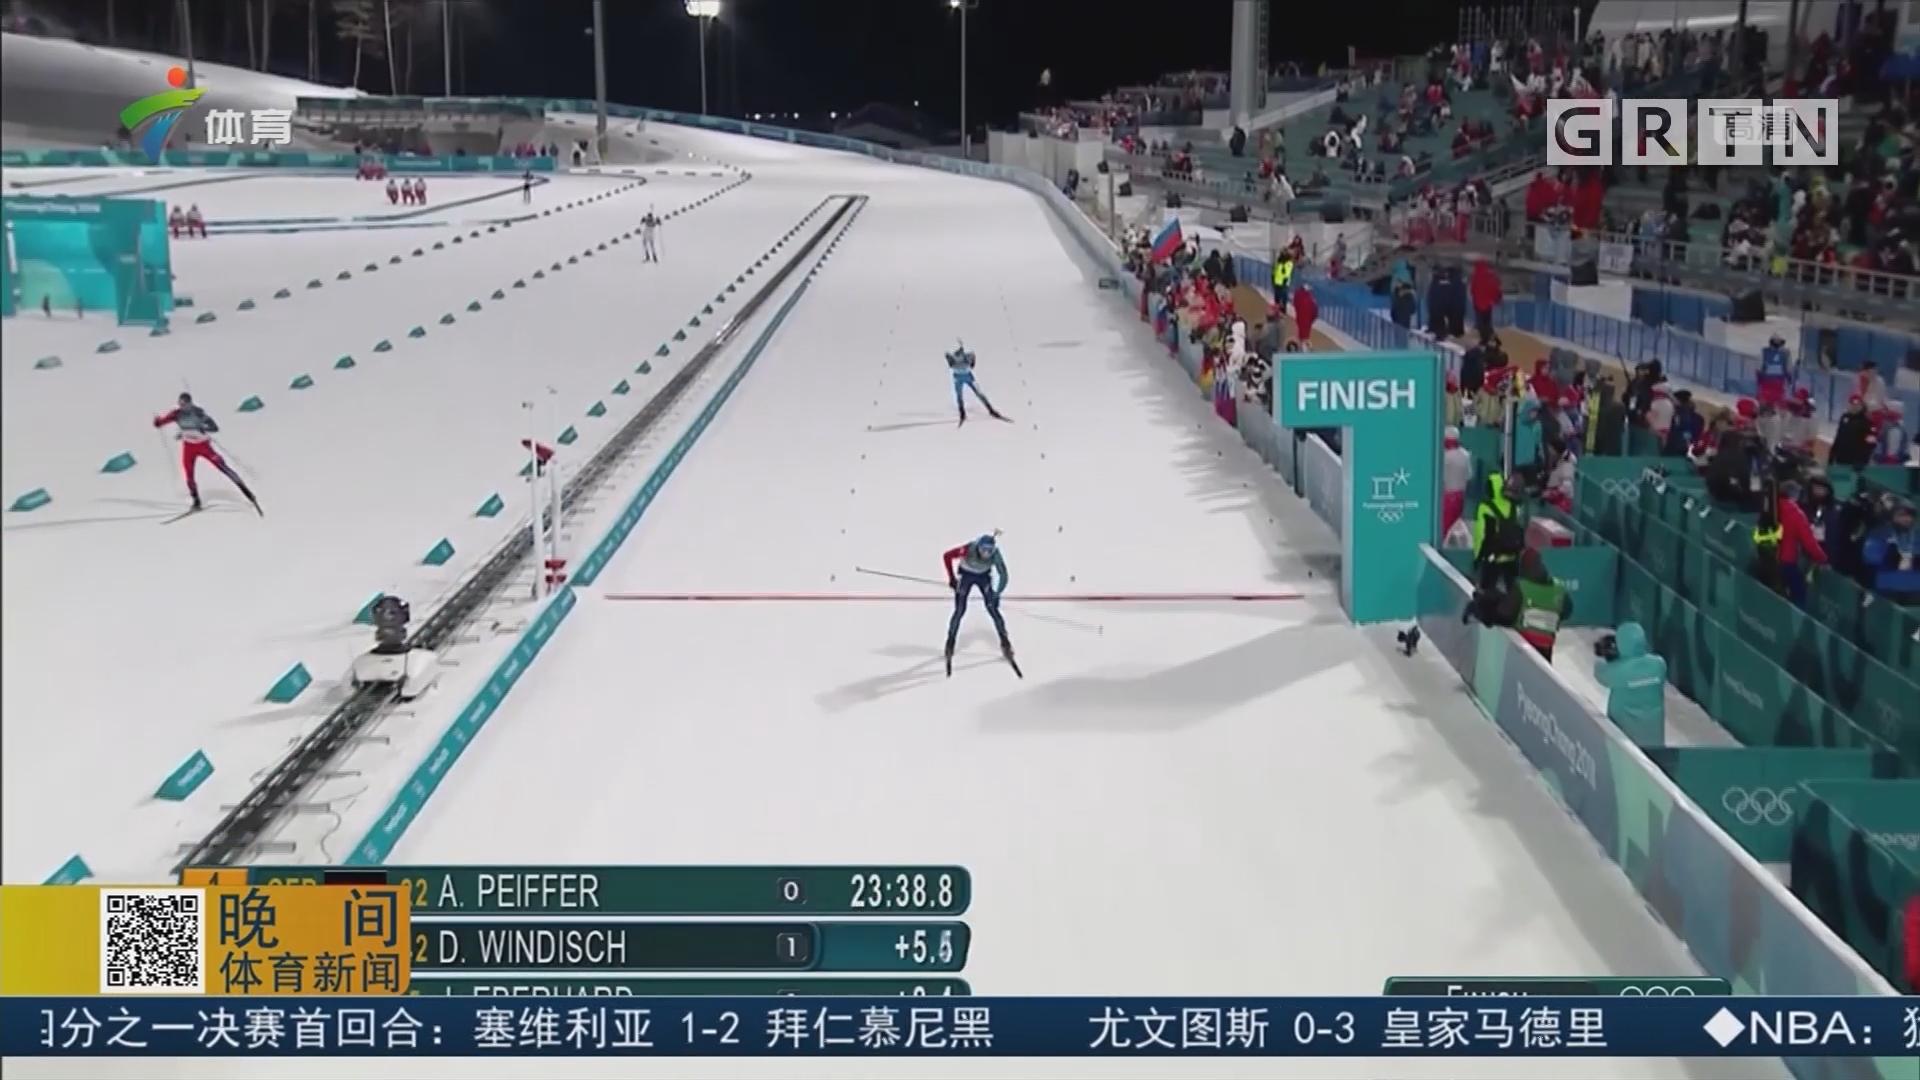 国际奥委会确认共有7城申办2026冬奥会